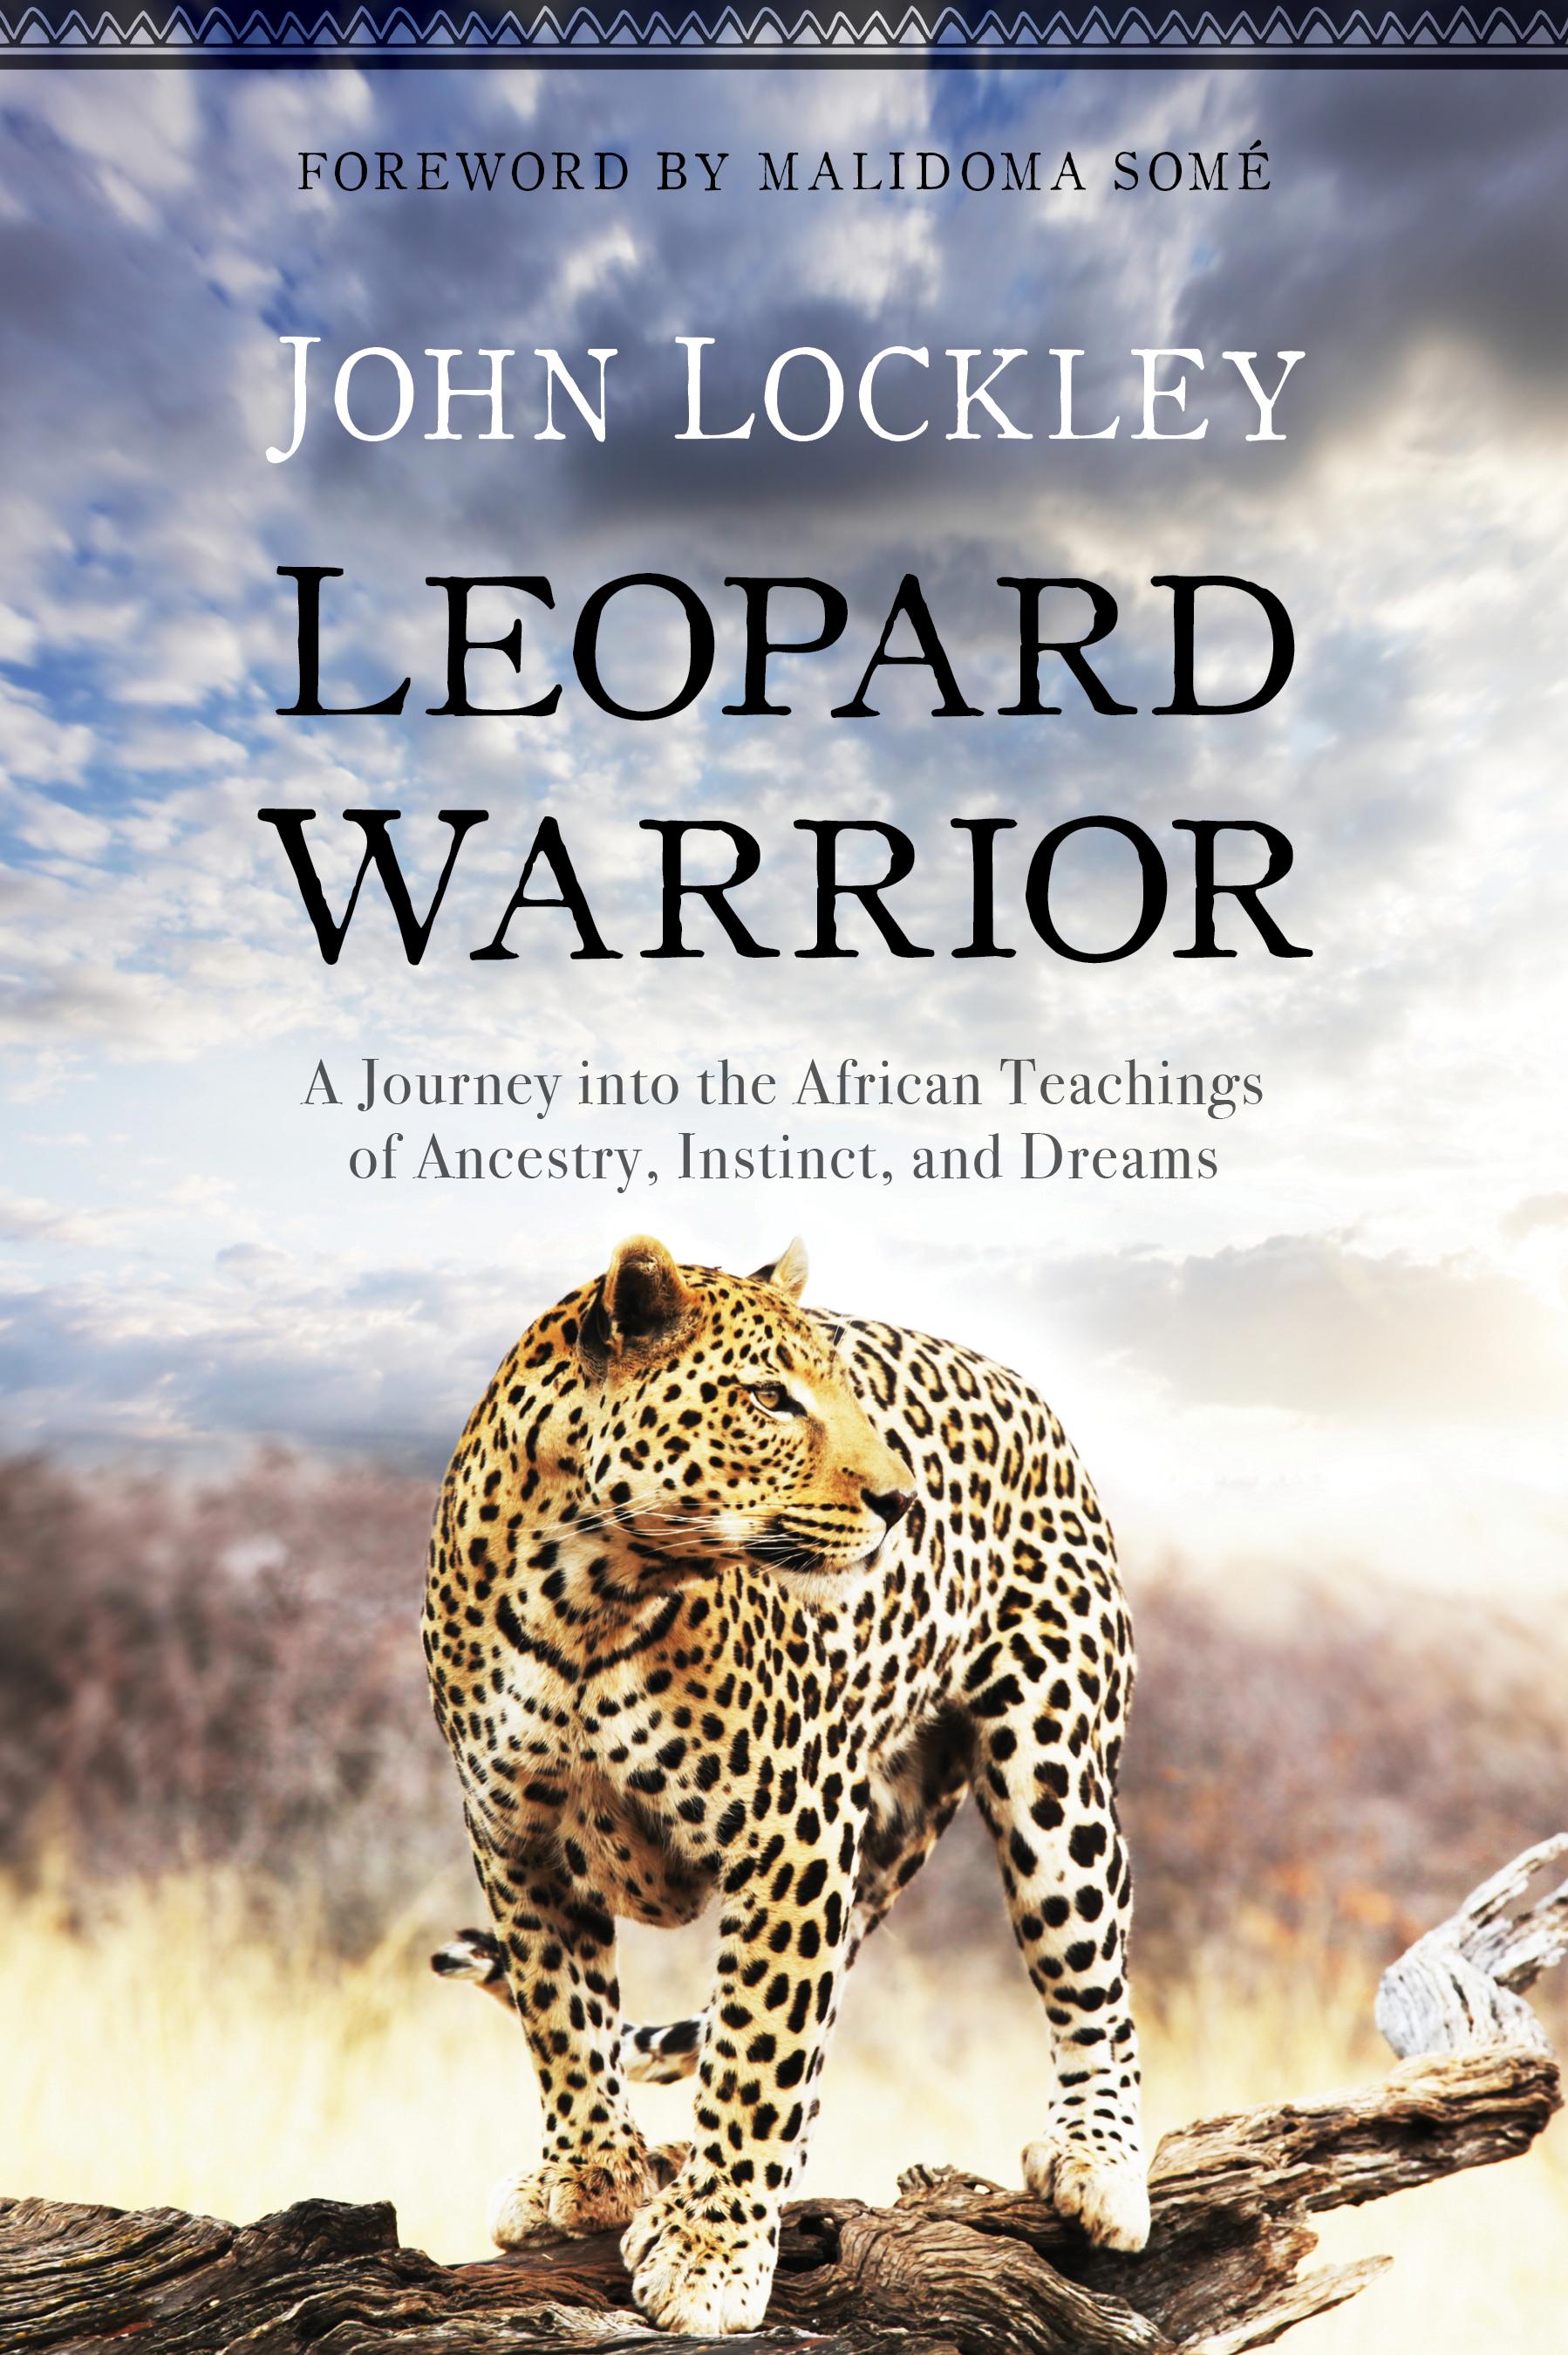 BK05051-Leopard-Warrior-Published-Cover.jpg